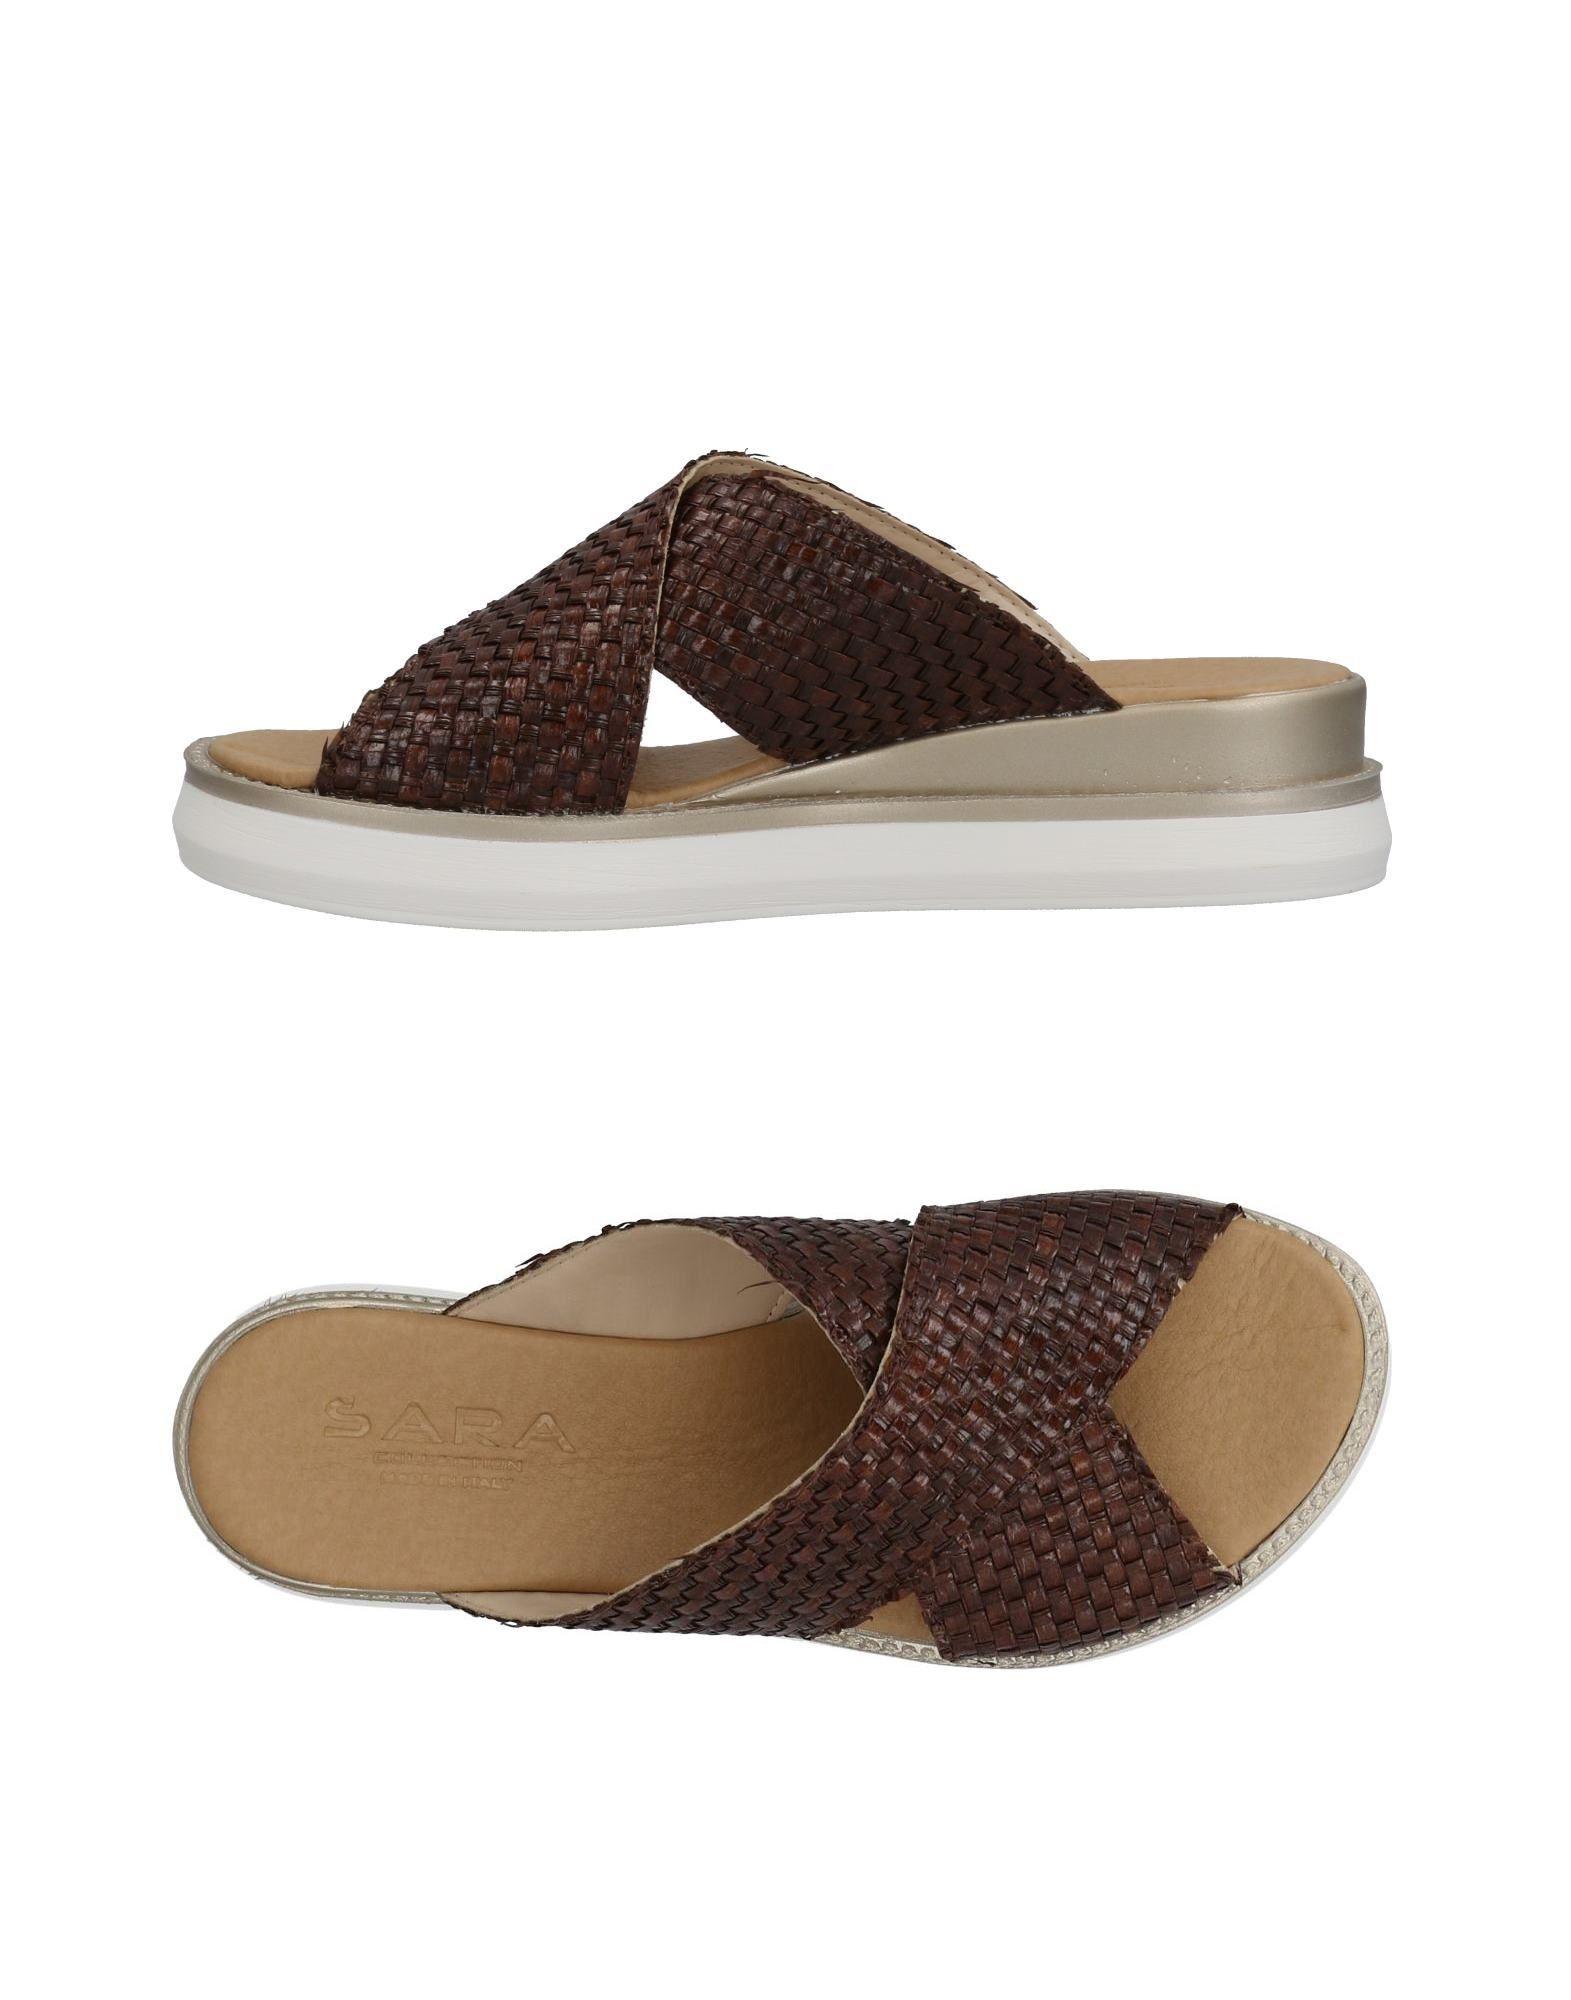 Sara Sandalen Damen  11460464EI Gute Qualität beliebte Schuhe